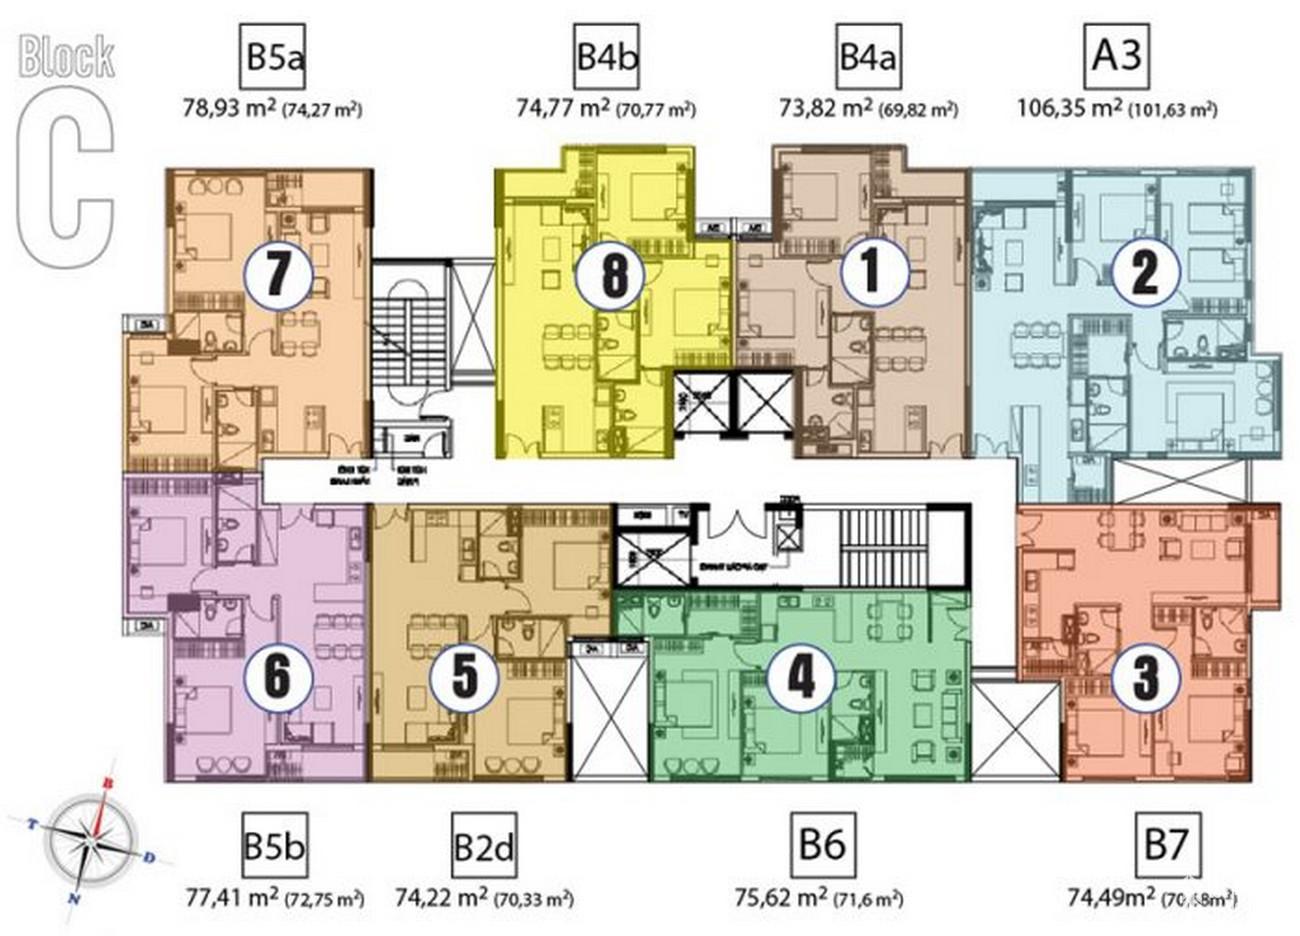 Thiết kế dự án căn hộ chung cư Hưng Phát Silver Star Nhà Bè Đường Nguyễn Hữu Thọ chủ đầu tư Hưng Lộc Phát